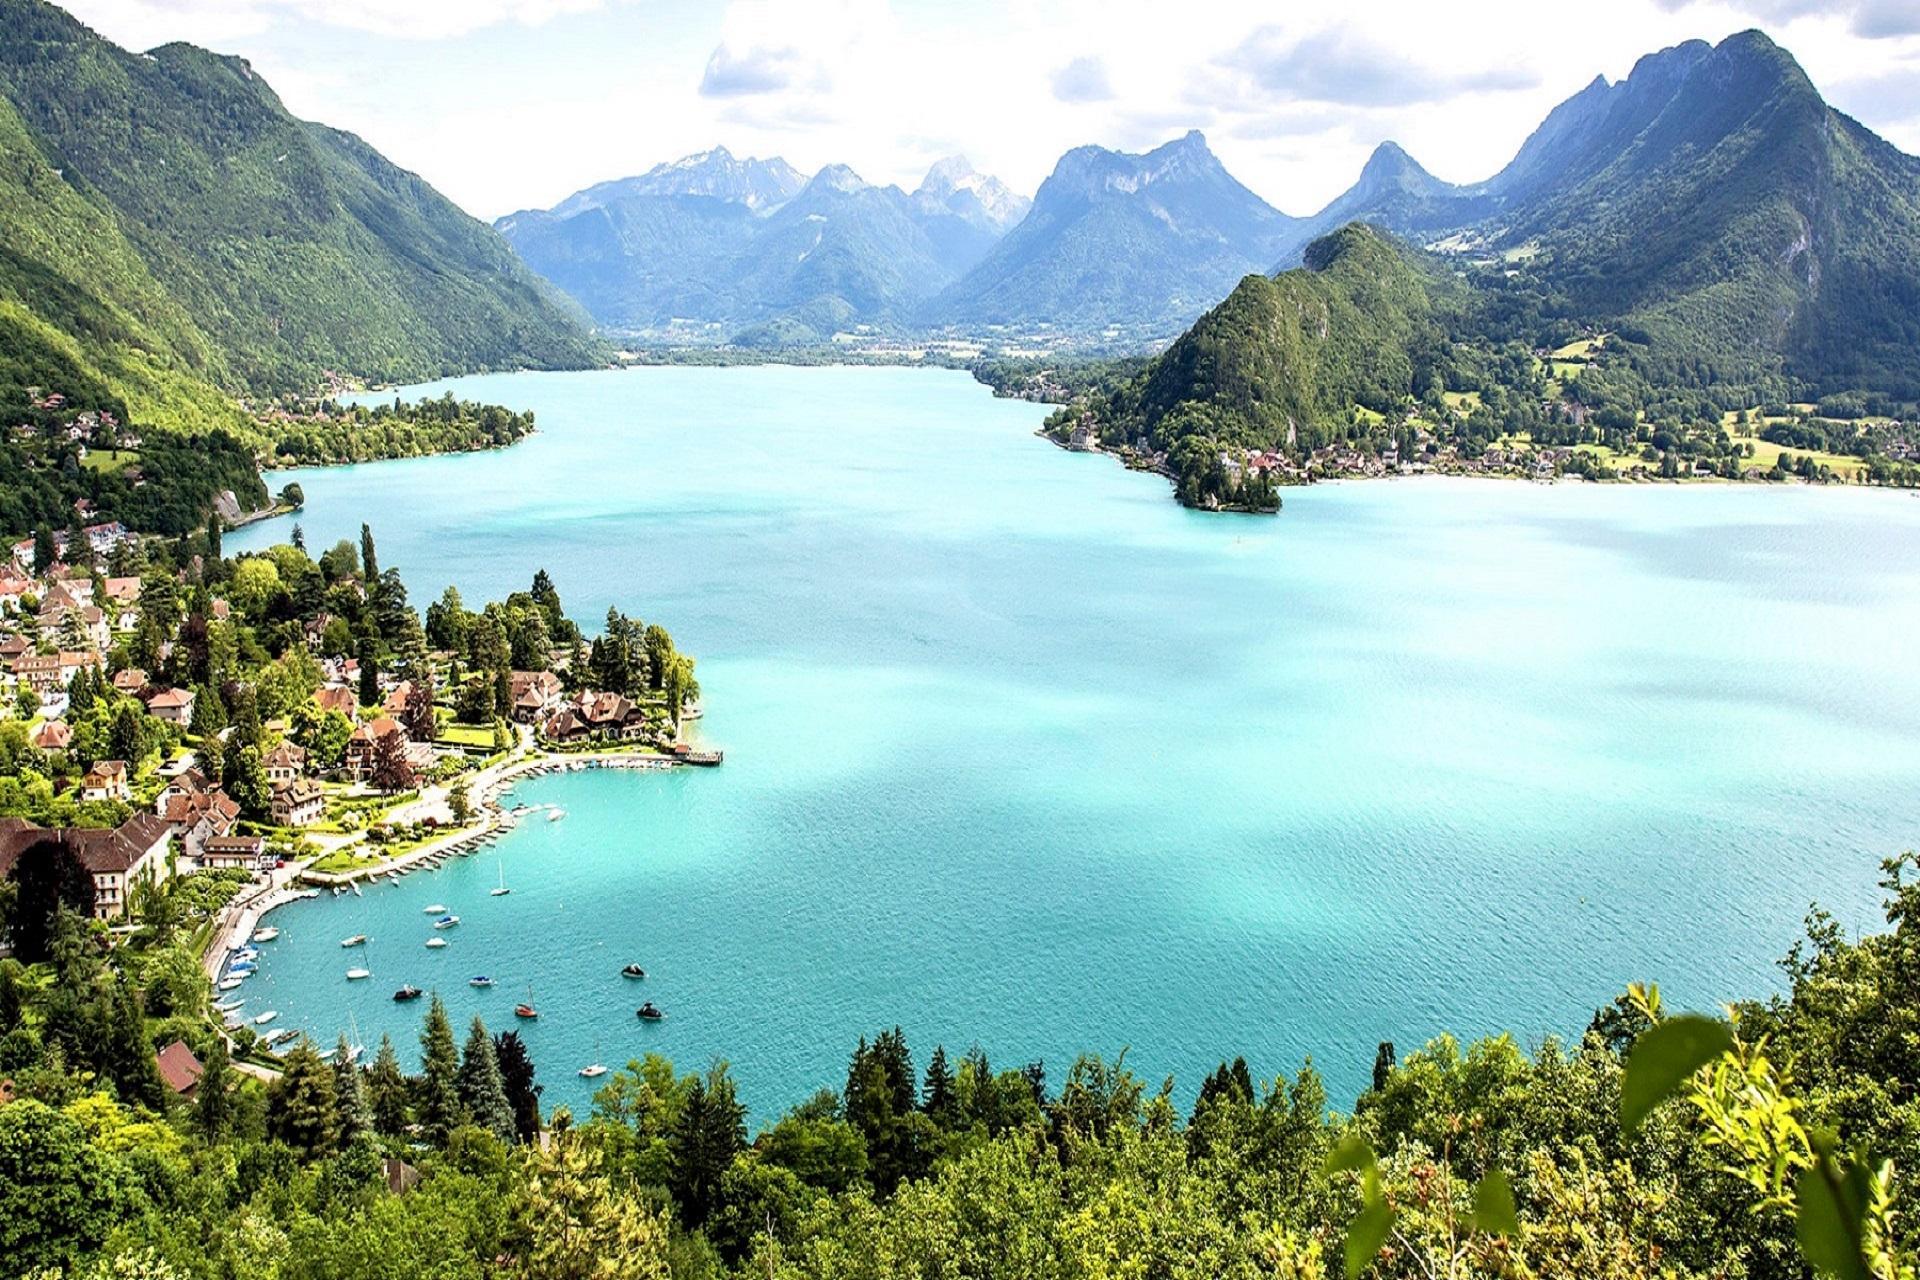 le-cottage-bise-lac-annecy-talloires-incentive-seminaires-de-caractere-lake